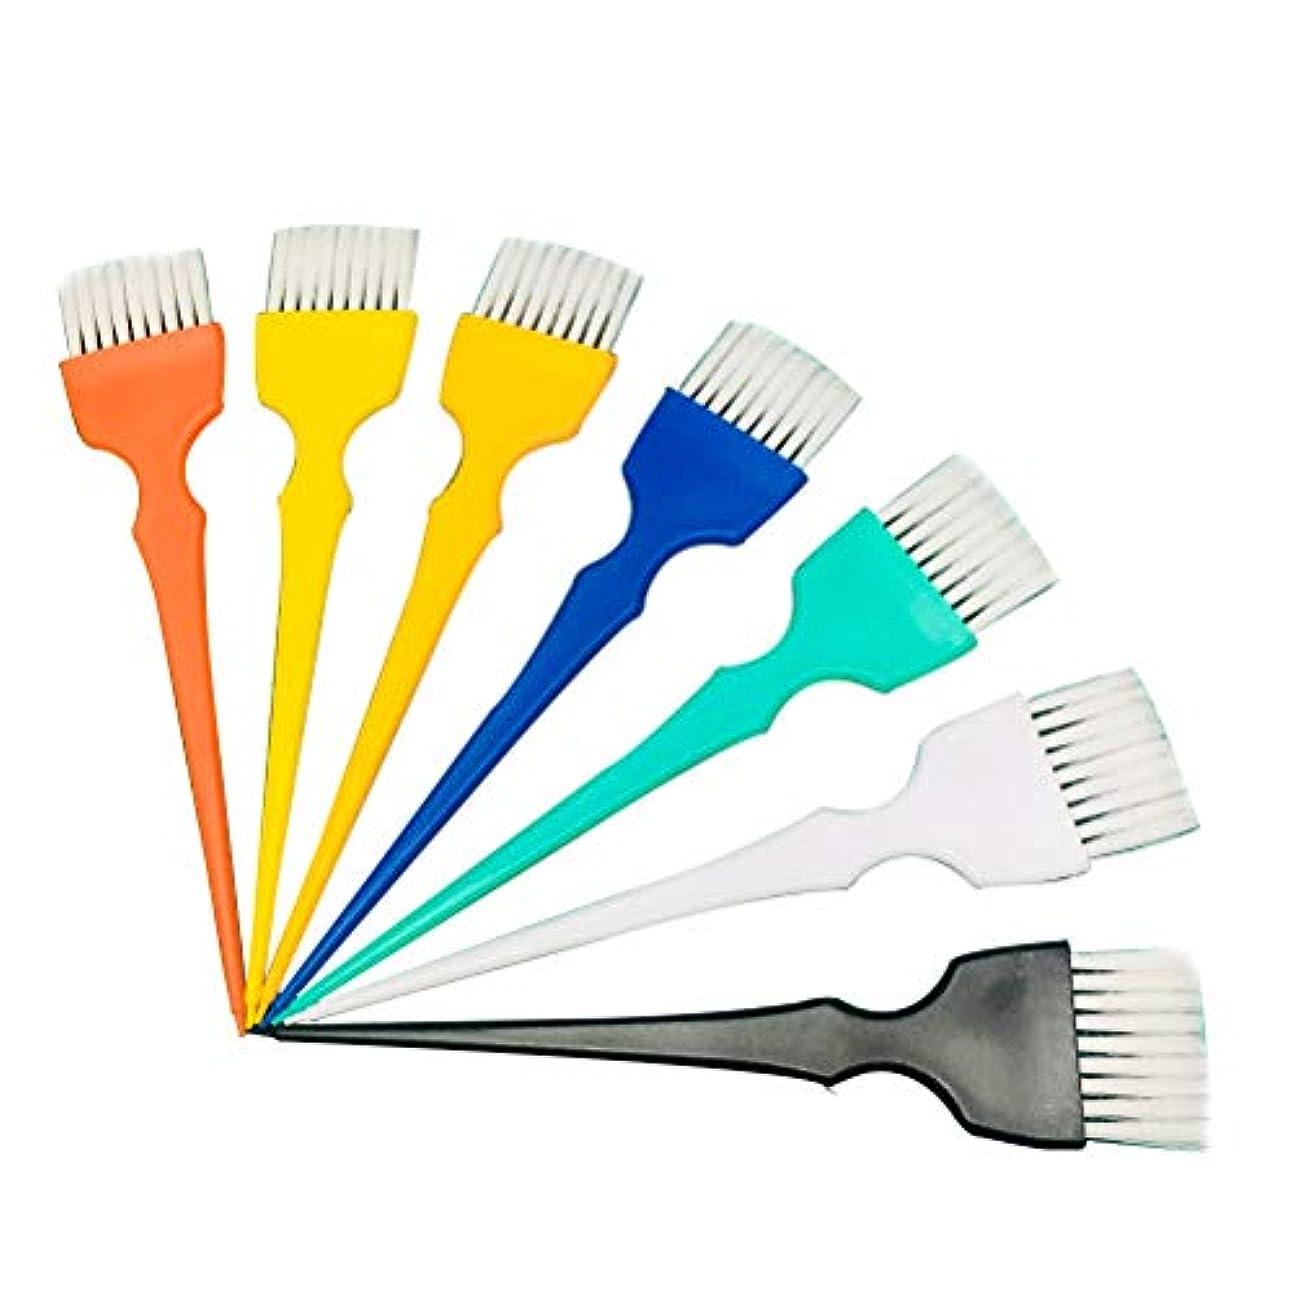 欠陥変装したアルプスBeaupretty 7本染毛ブラシプラスチックソフトブラシヘアカラーブラシ美容院用(ランダムカラー)